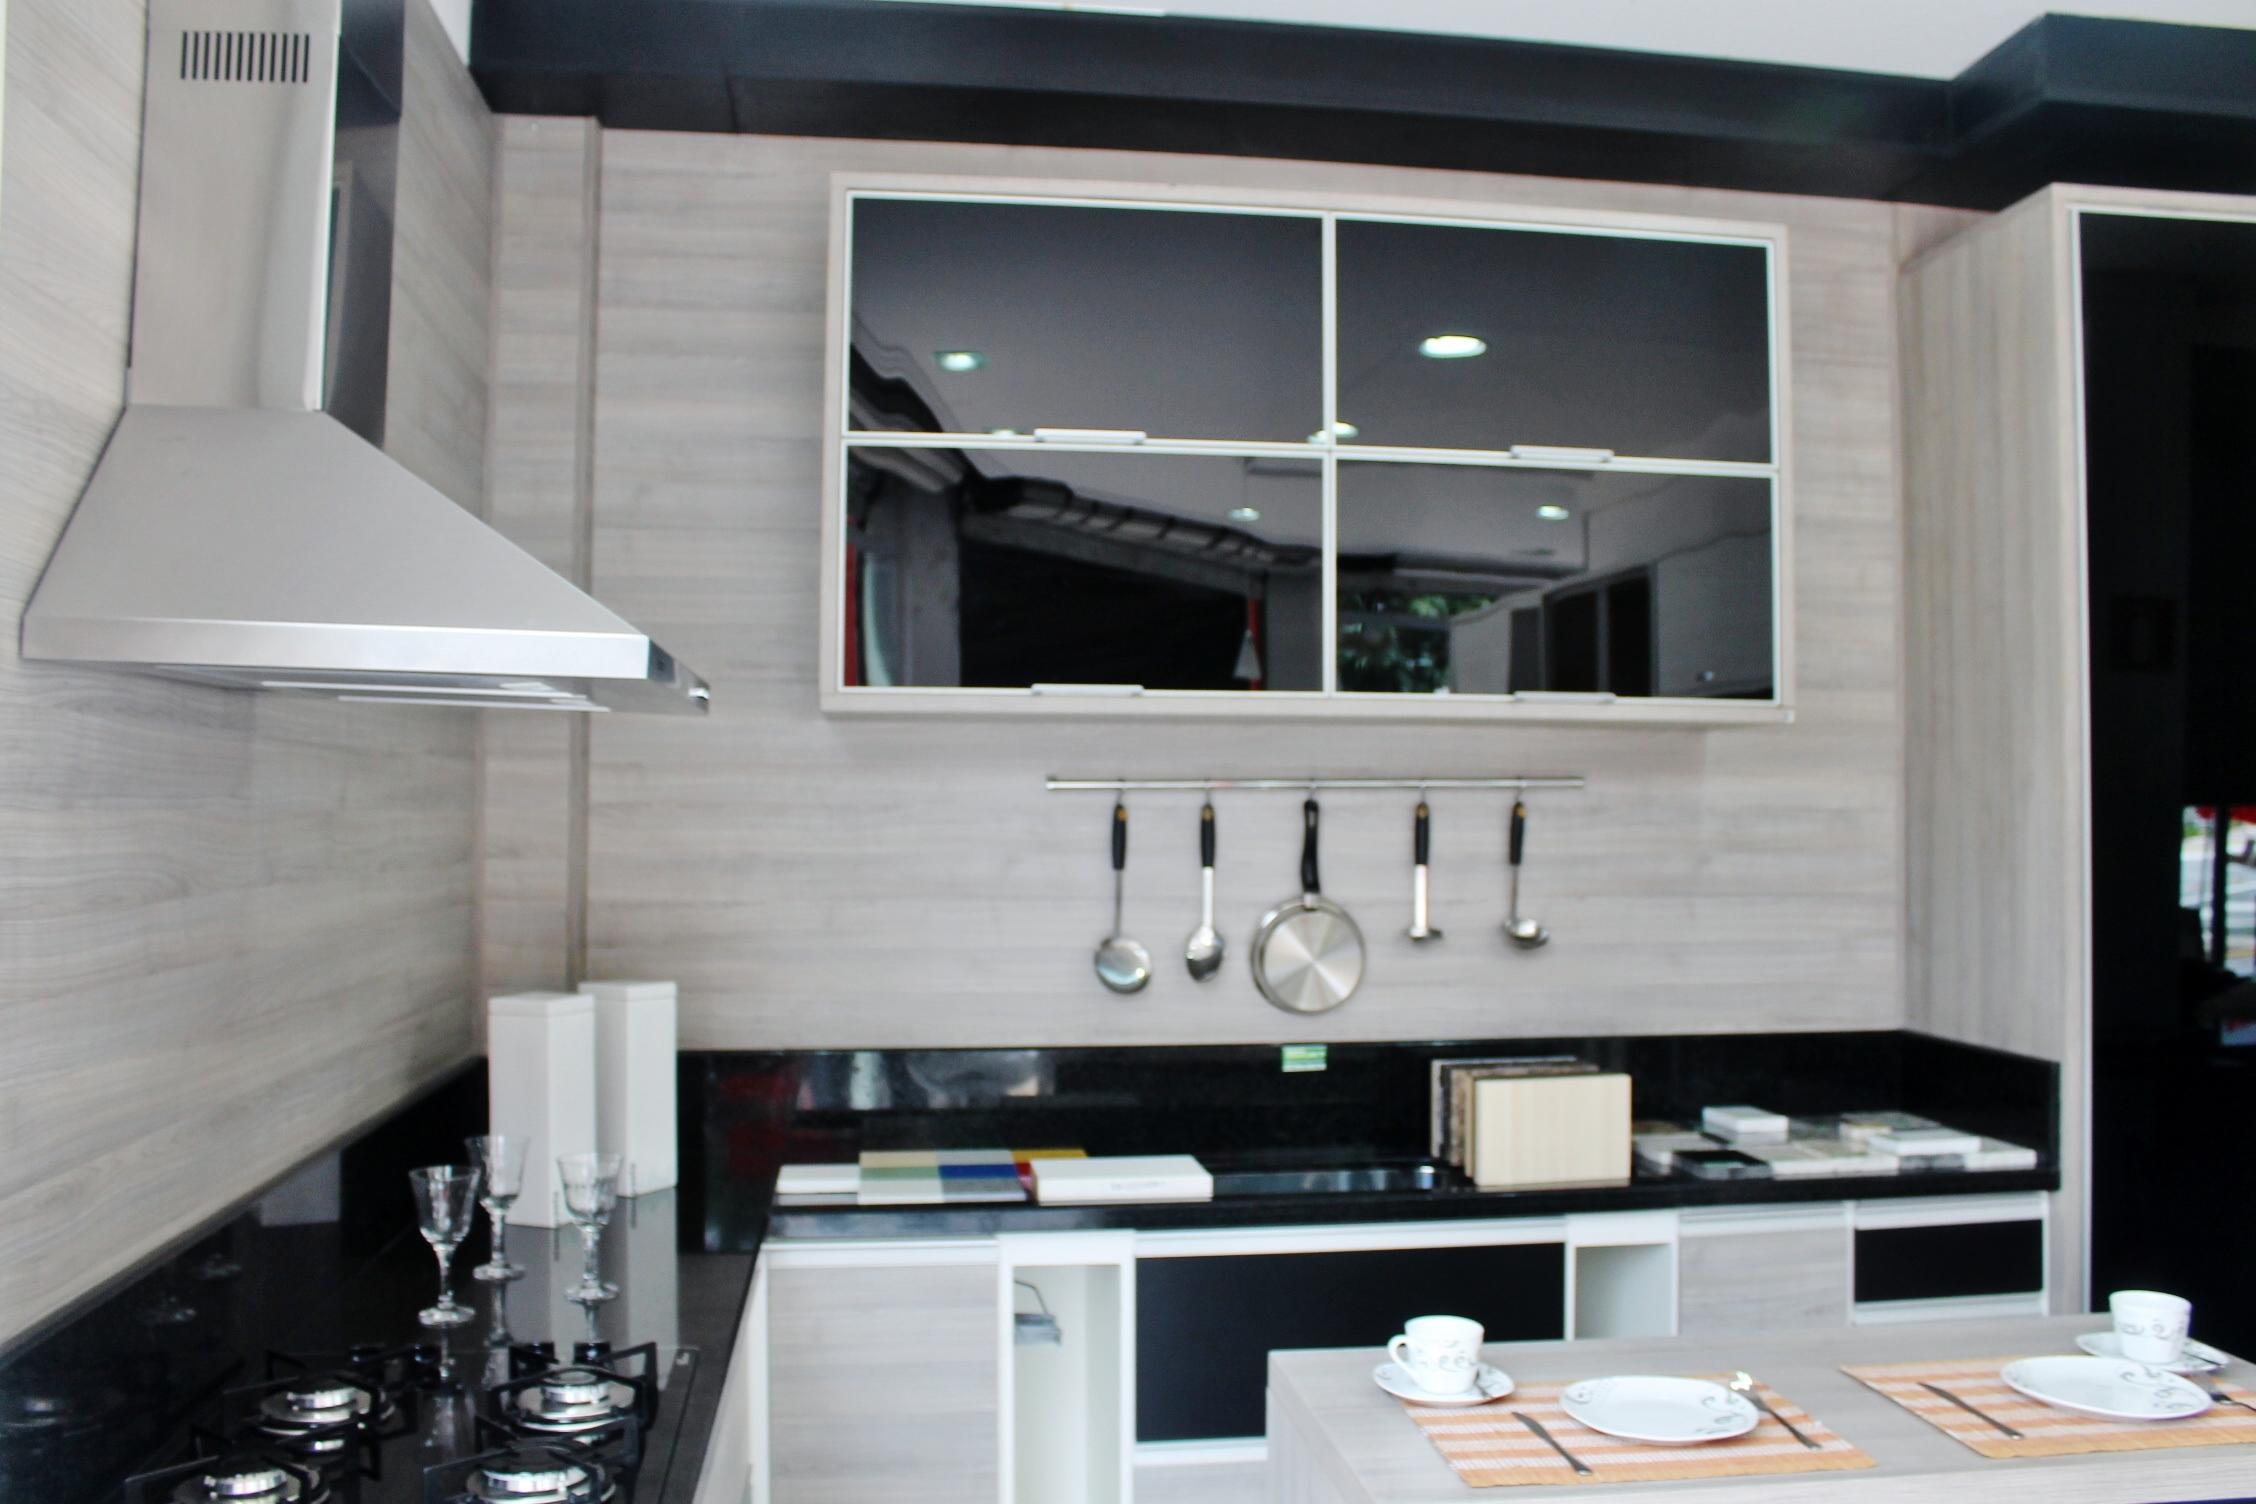 Veja aqui as oito melhores dicas para decorar uma cozinha pequena: #726659 2256 1504